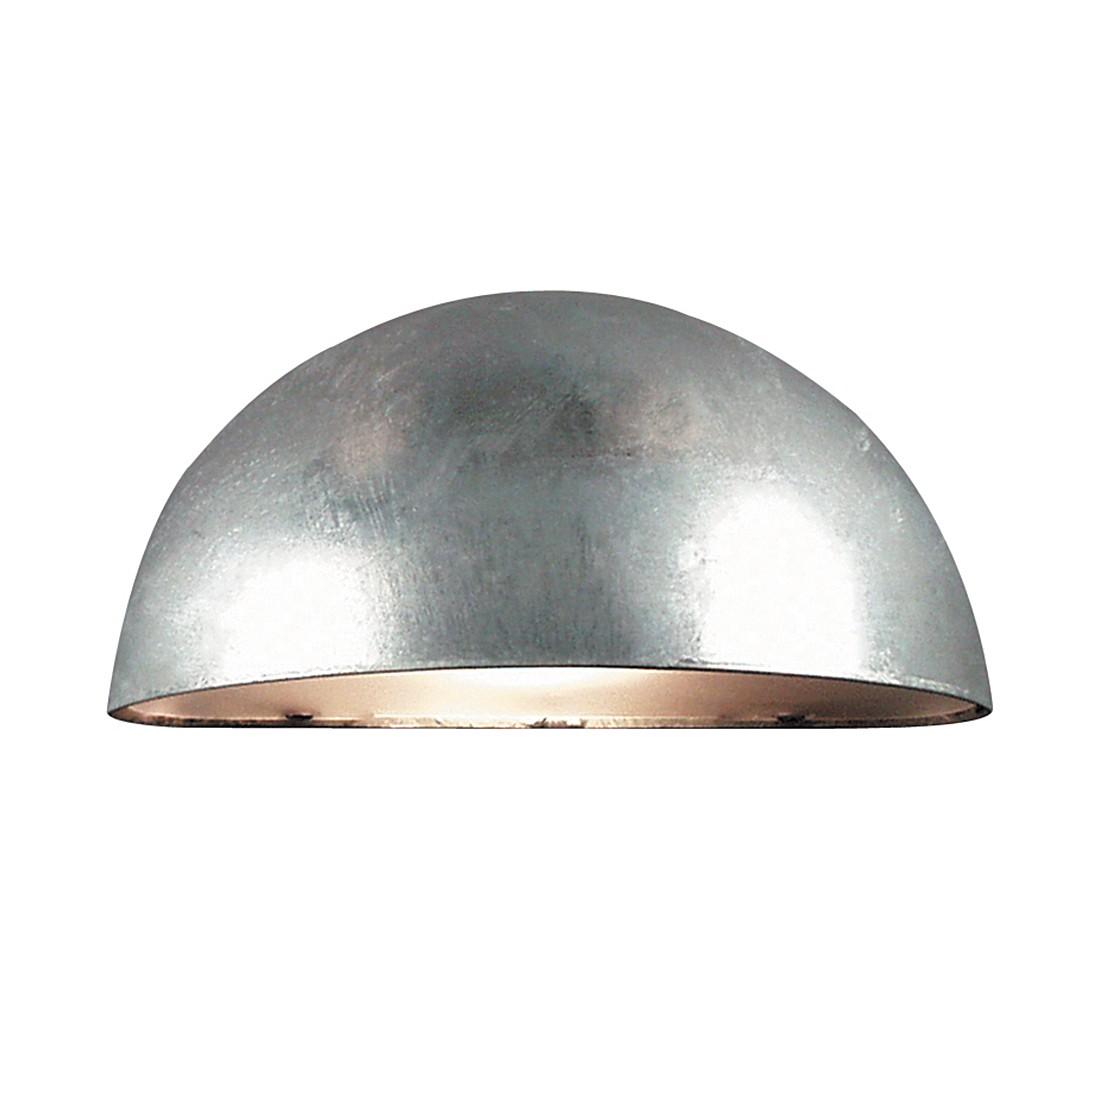 Home 24 - Eek a++, luminaire d extérieur scorpius - métal / matériau synthétique argenté 1 ampoule argenté, nordlux